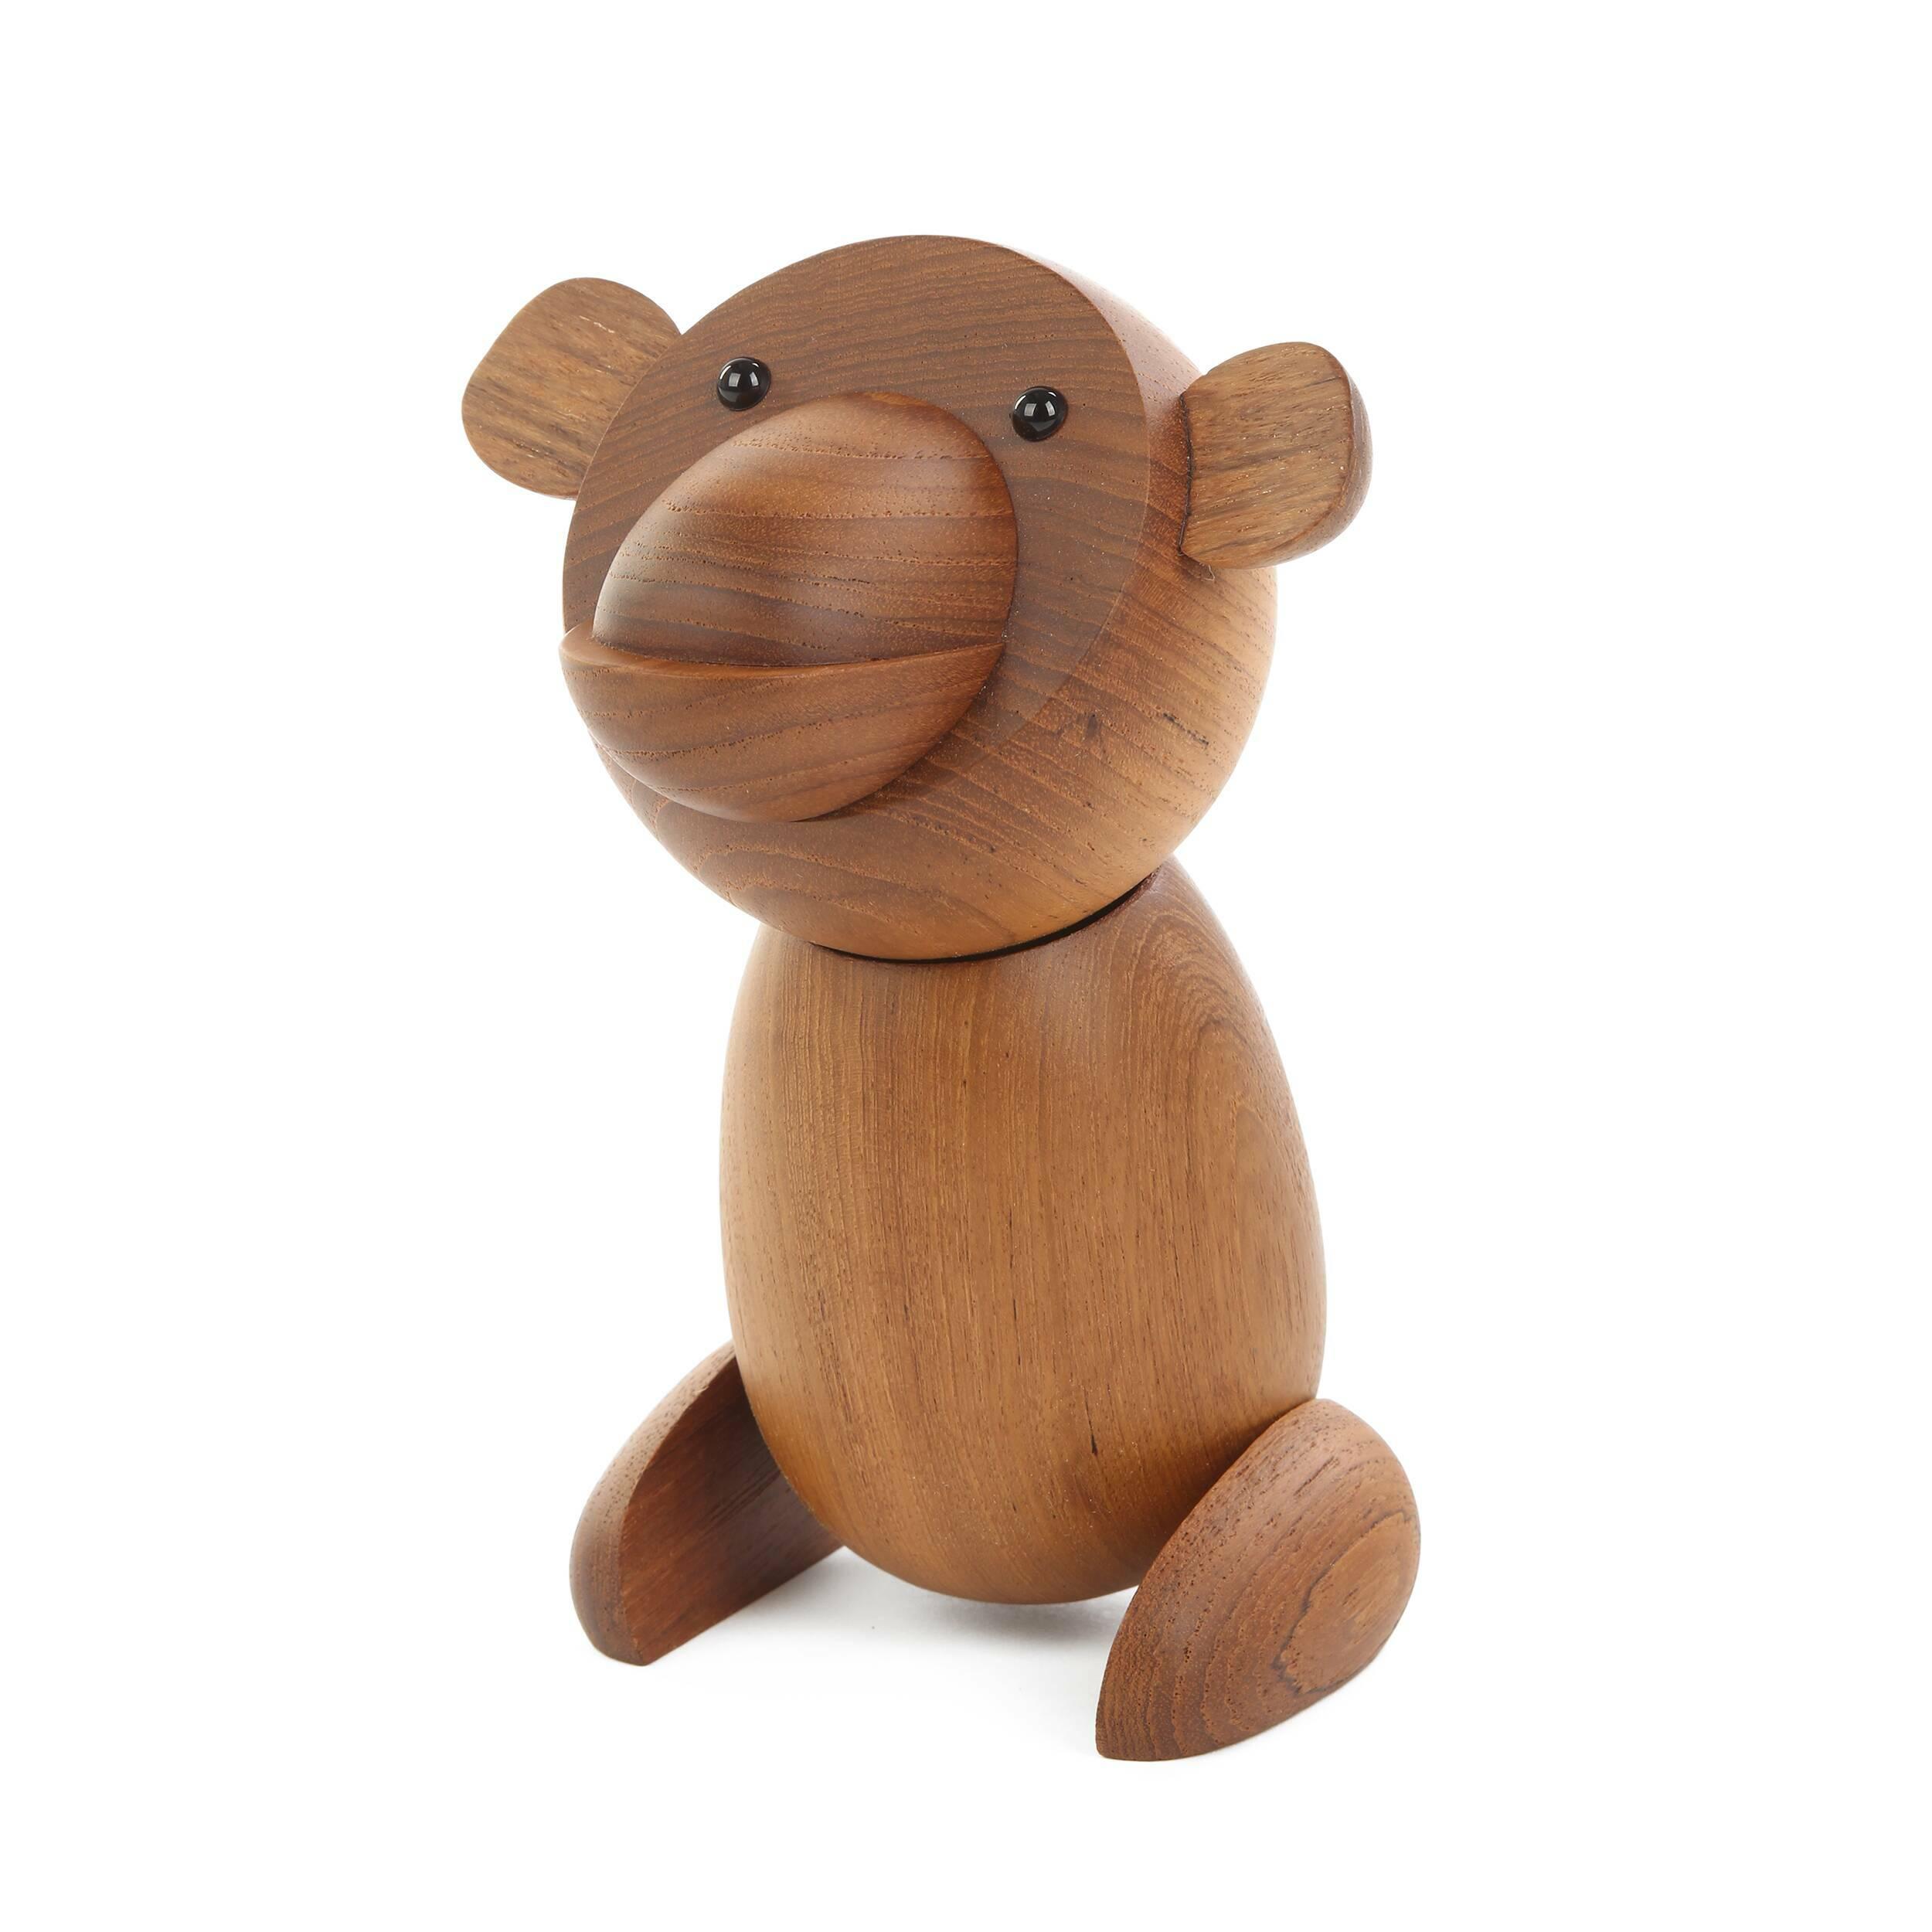 Статуэтка Bear высота 20Настольные<br>Атмосферные статуэтки обладают потрясающей энергетикой, которая преображает все помещение. Дизайнерская статуэтка Bear высота 20 выполнена в интересной, позитивной стилистике – такая фигурка будет радовать и взрослых, и детей.<br><br><br> Массив тика, из которого изготавливают эту статуэтку, считается экзотичной и очень красивой породой дерева. Кроме красивого оттенка эта древесина отличается высокой прочностью и износостойкостью.<br><br><br> Оригинальная статуэтка Bear (Беар) придаст жилью оживленный...<br><br>stock: 19<br>Высота: 20<br>Материал: Массив тика<br>Цвет: Коричневый